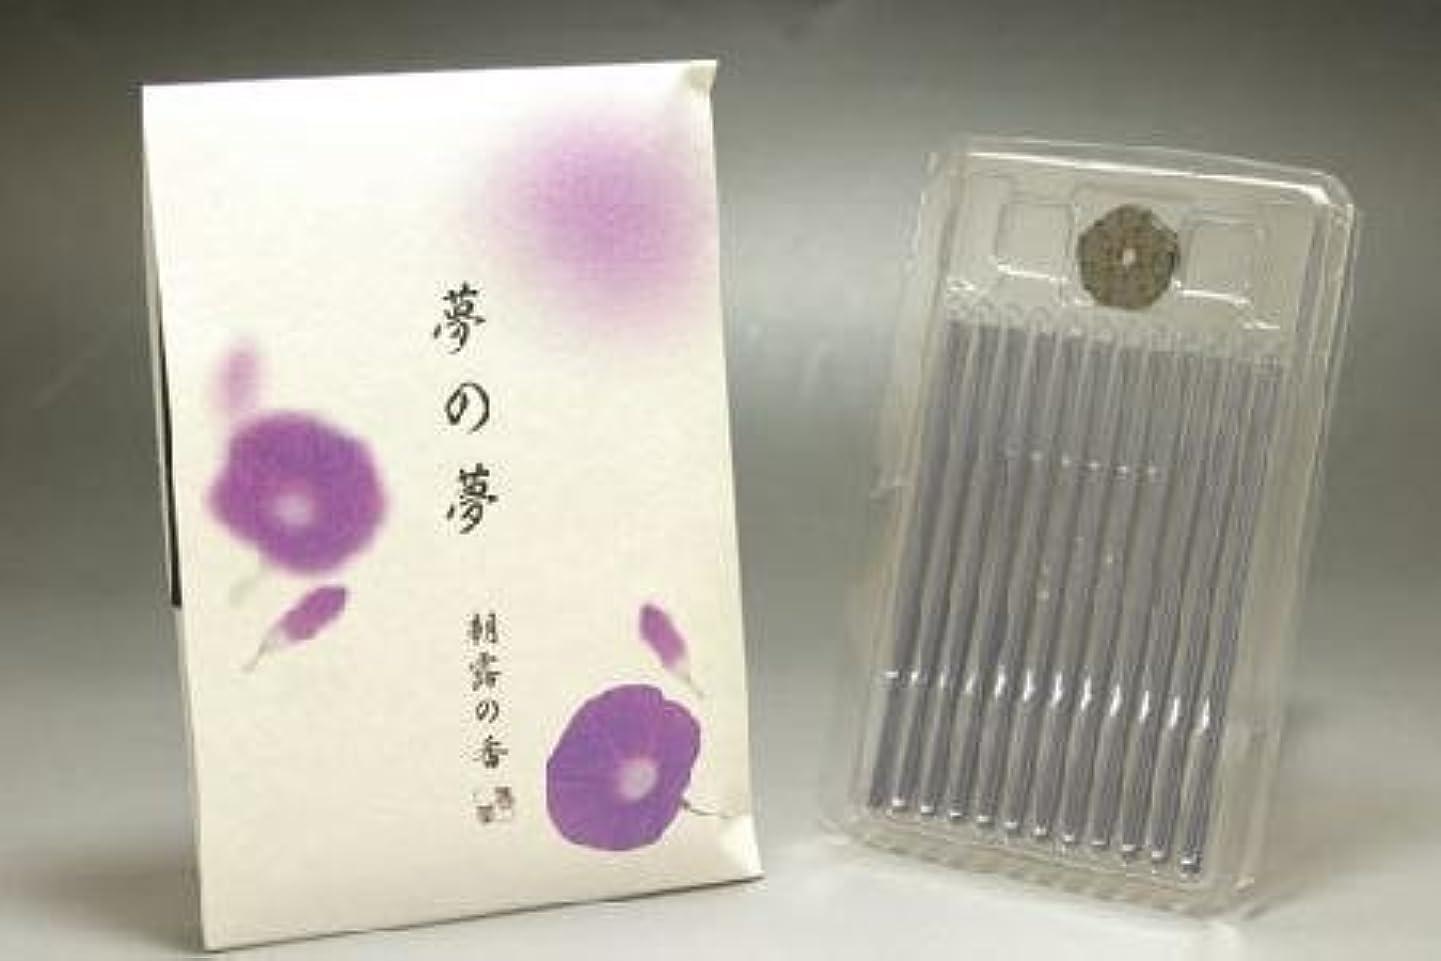 不適切な寂しい仲人日本香堂のお香 夢の夢 朝露(あさつゆ)のお香 スティック型12本入